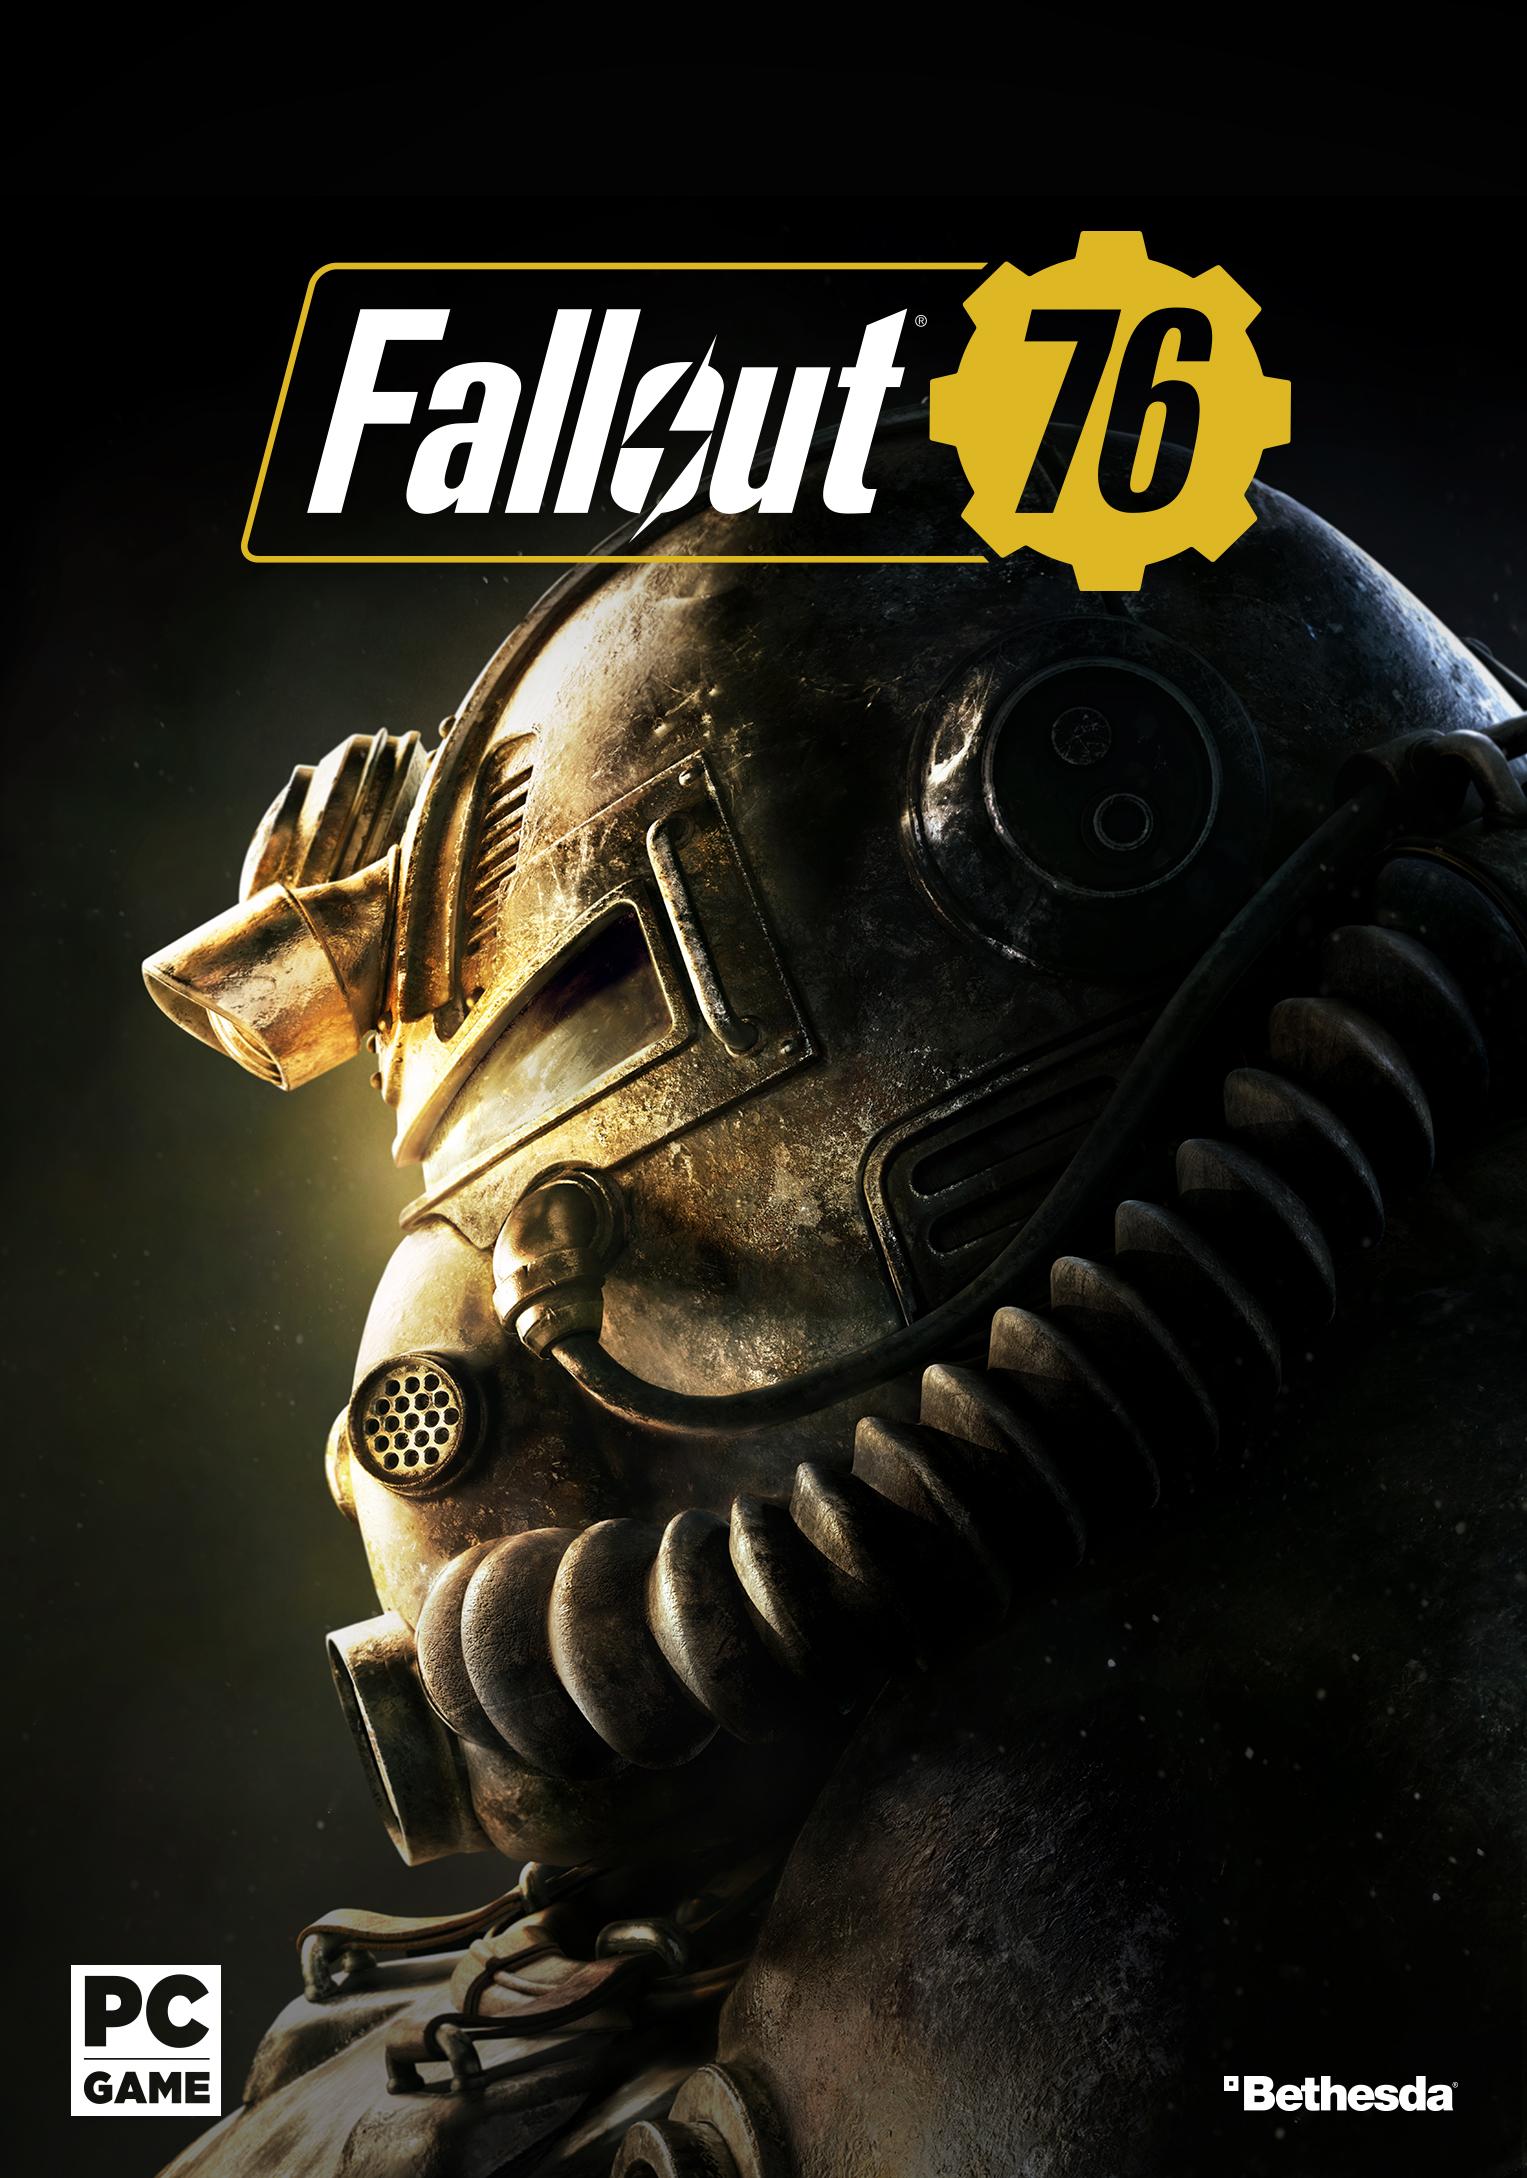 Fallout 76 (Video Game 2018) - IMDb